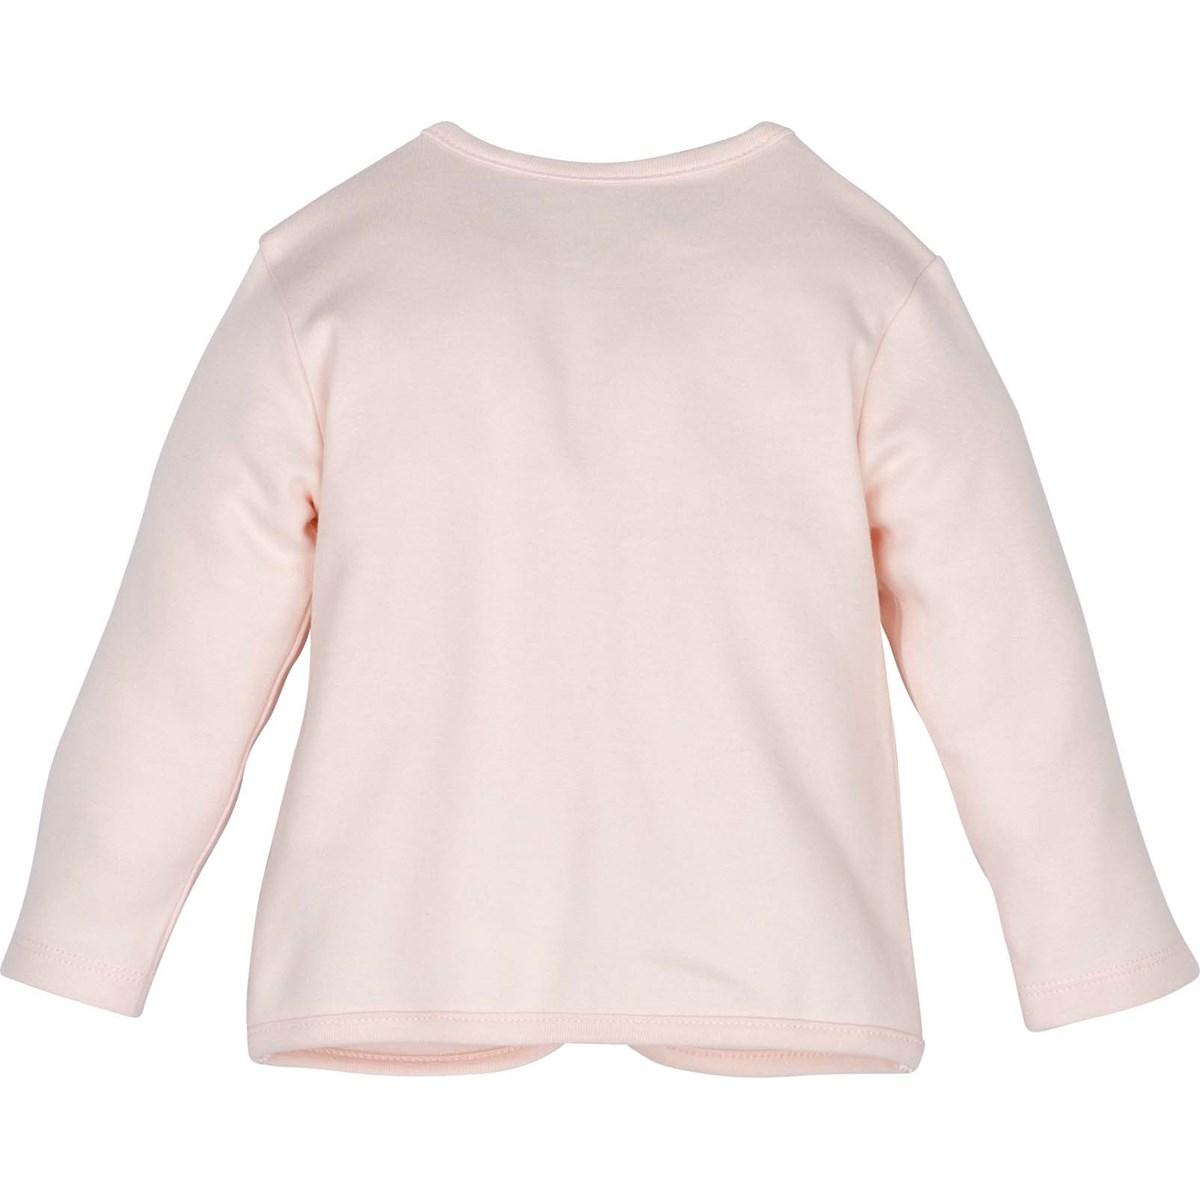 10489 Hirka/T-Shirt 4